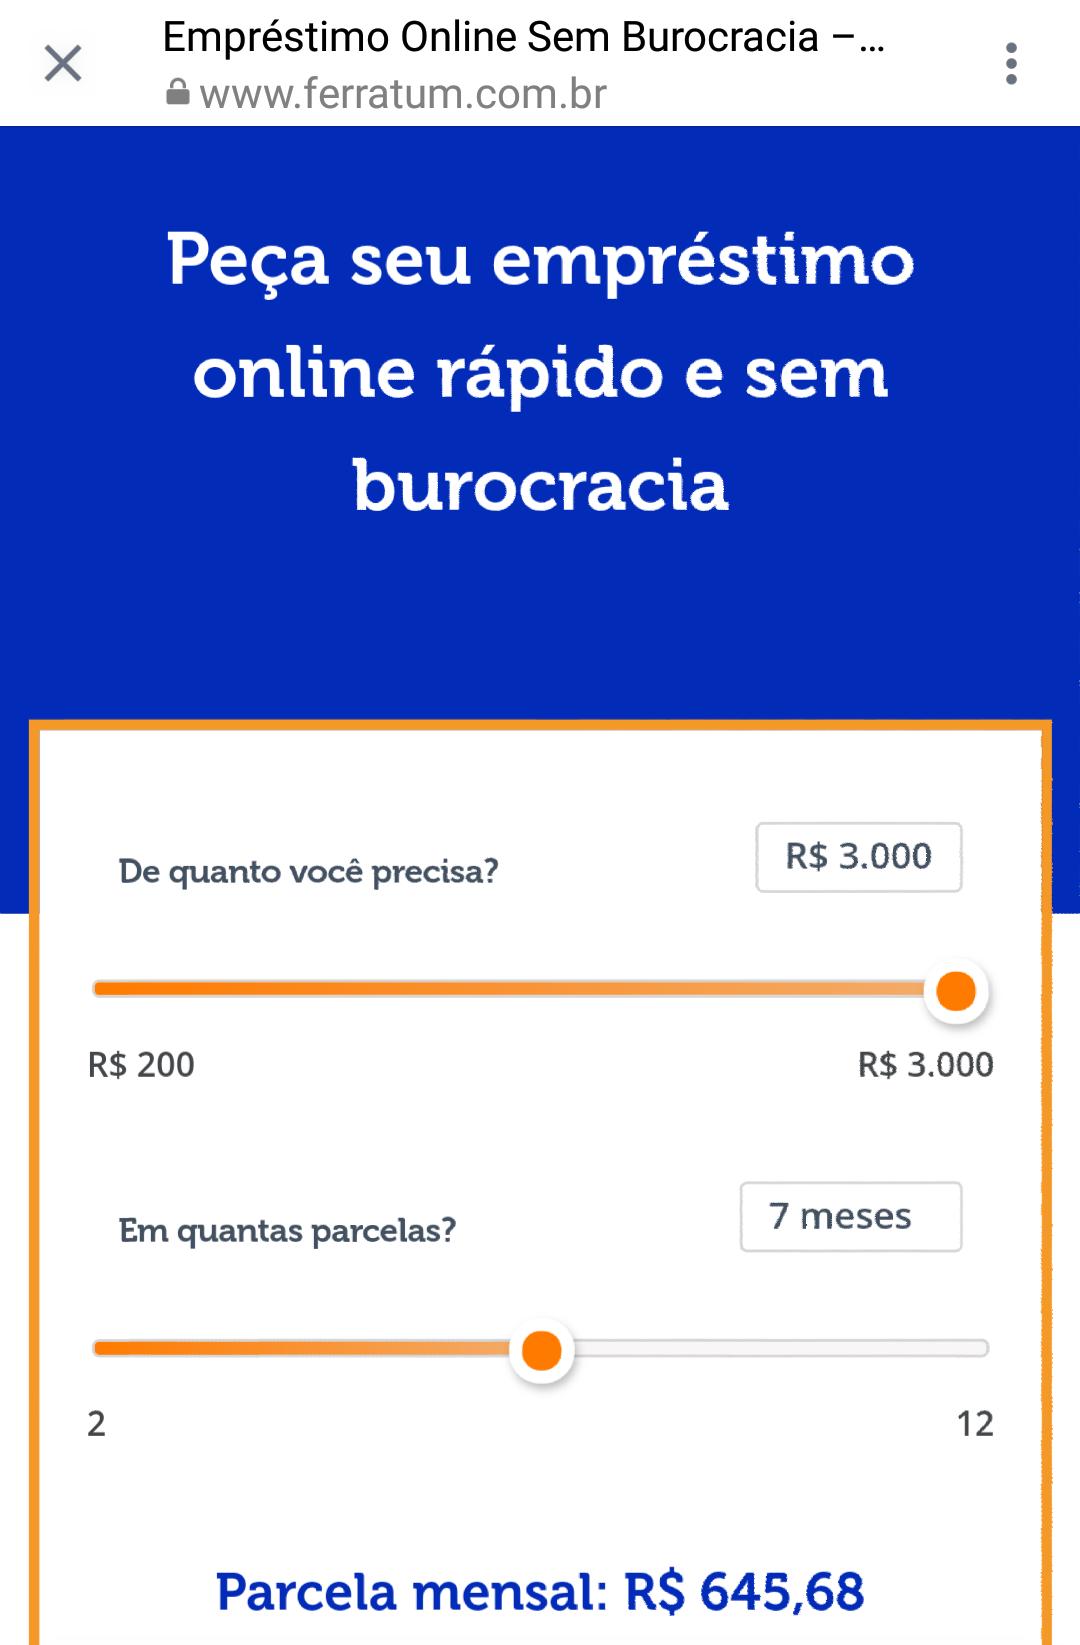 Empréstimo Online | Fácil e Sem Burocrácia Conheça Ferratum Site